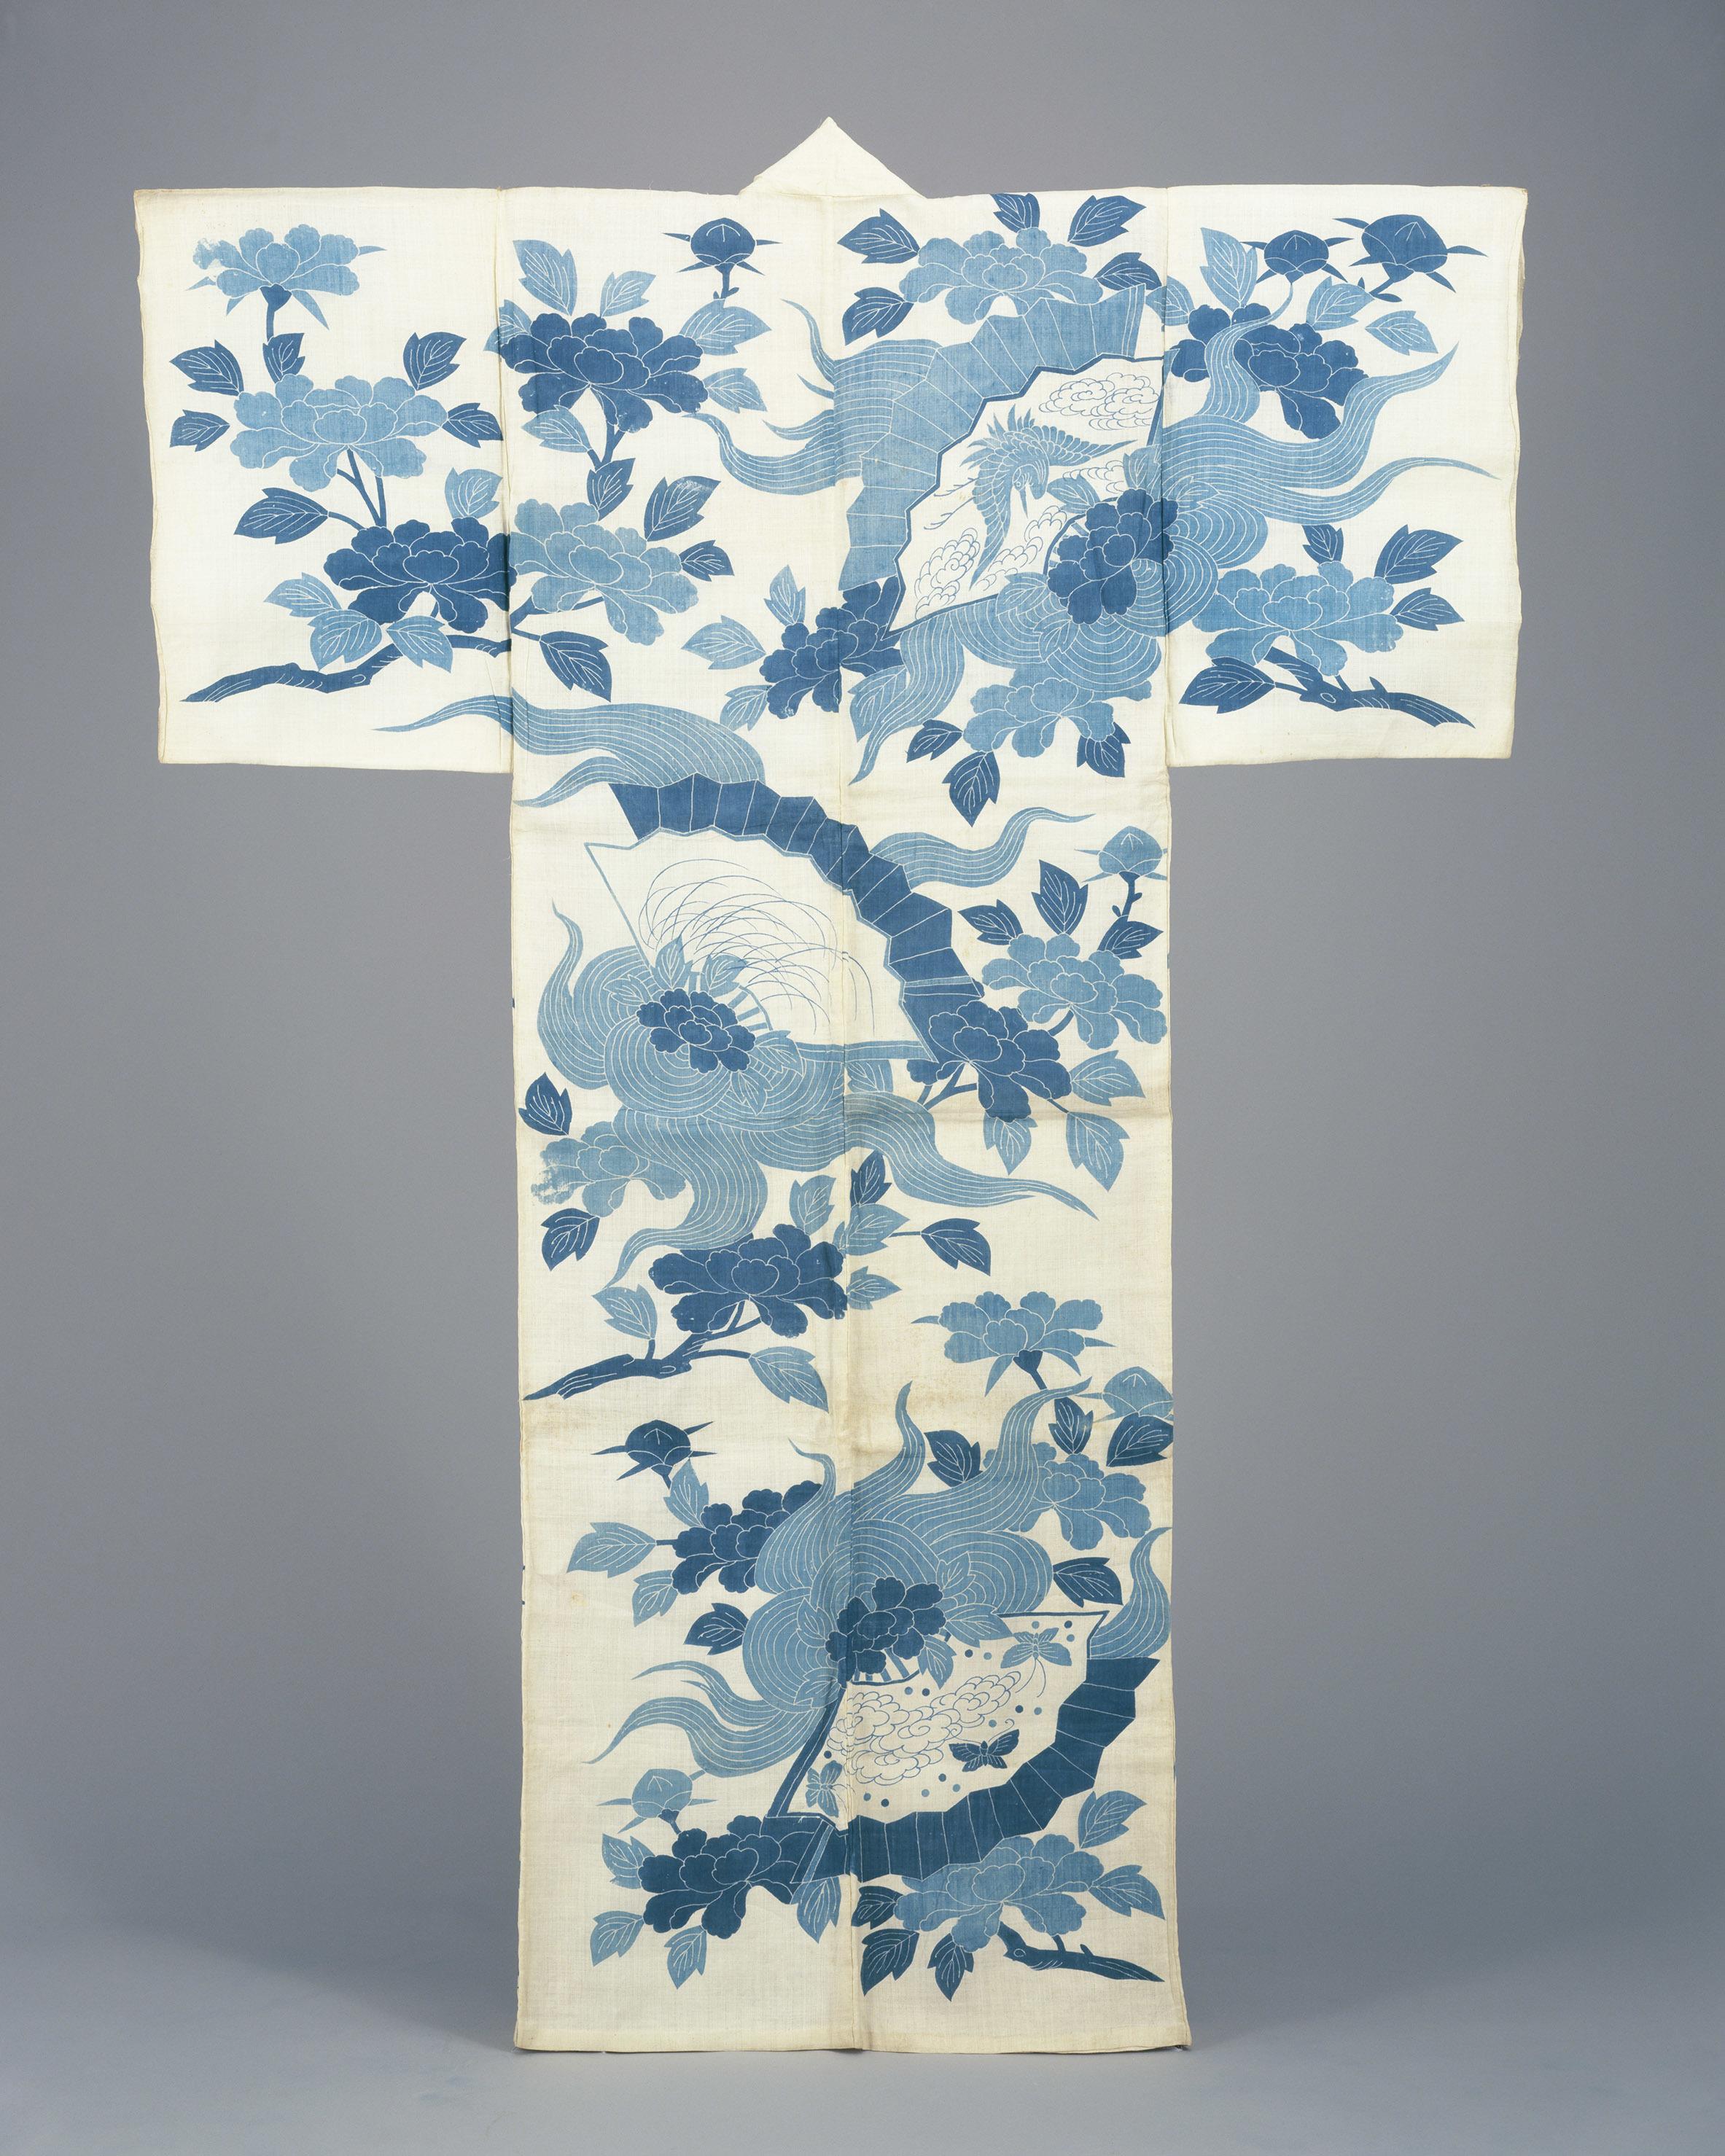 《白麻地石橋模様浴衣》 江戸時代 18世紀後半 東京都江戸東京博物館 [前期展示]